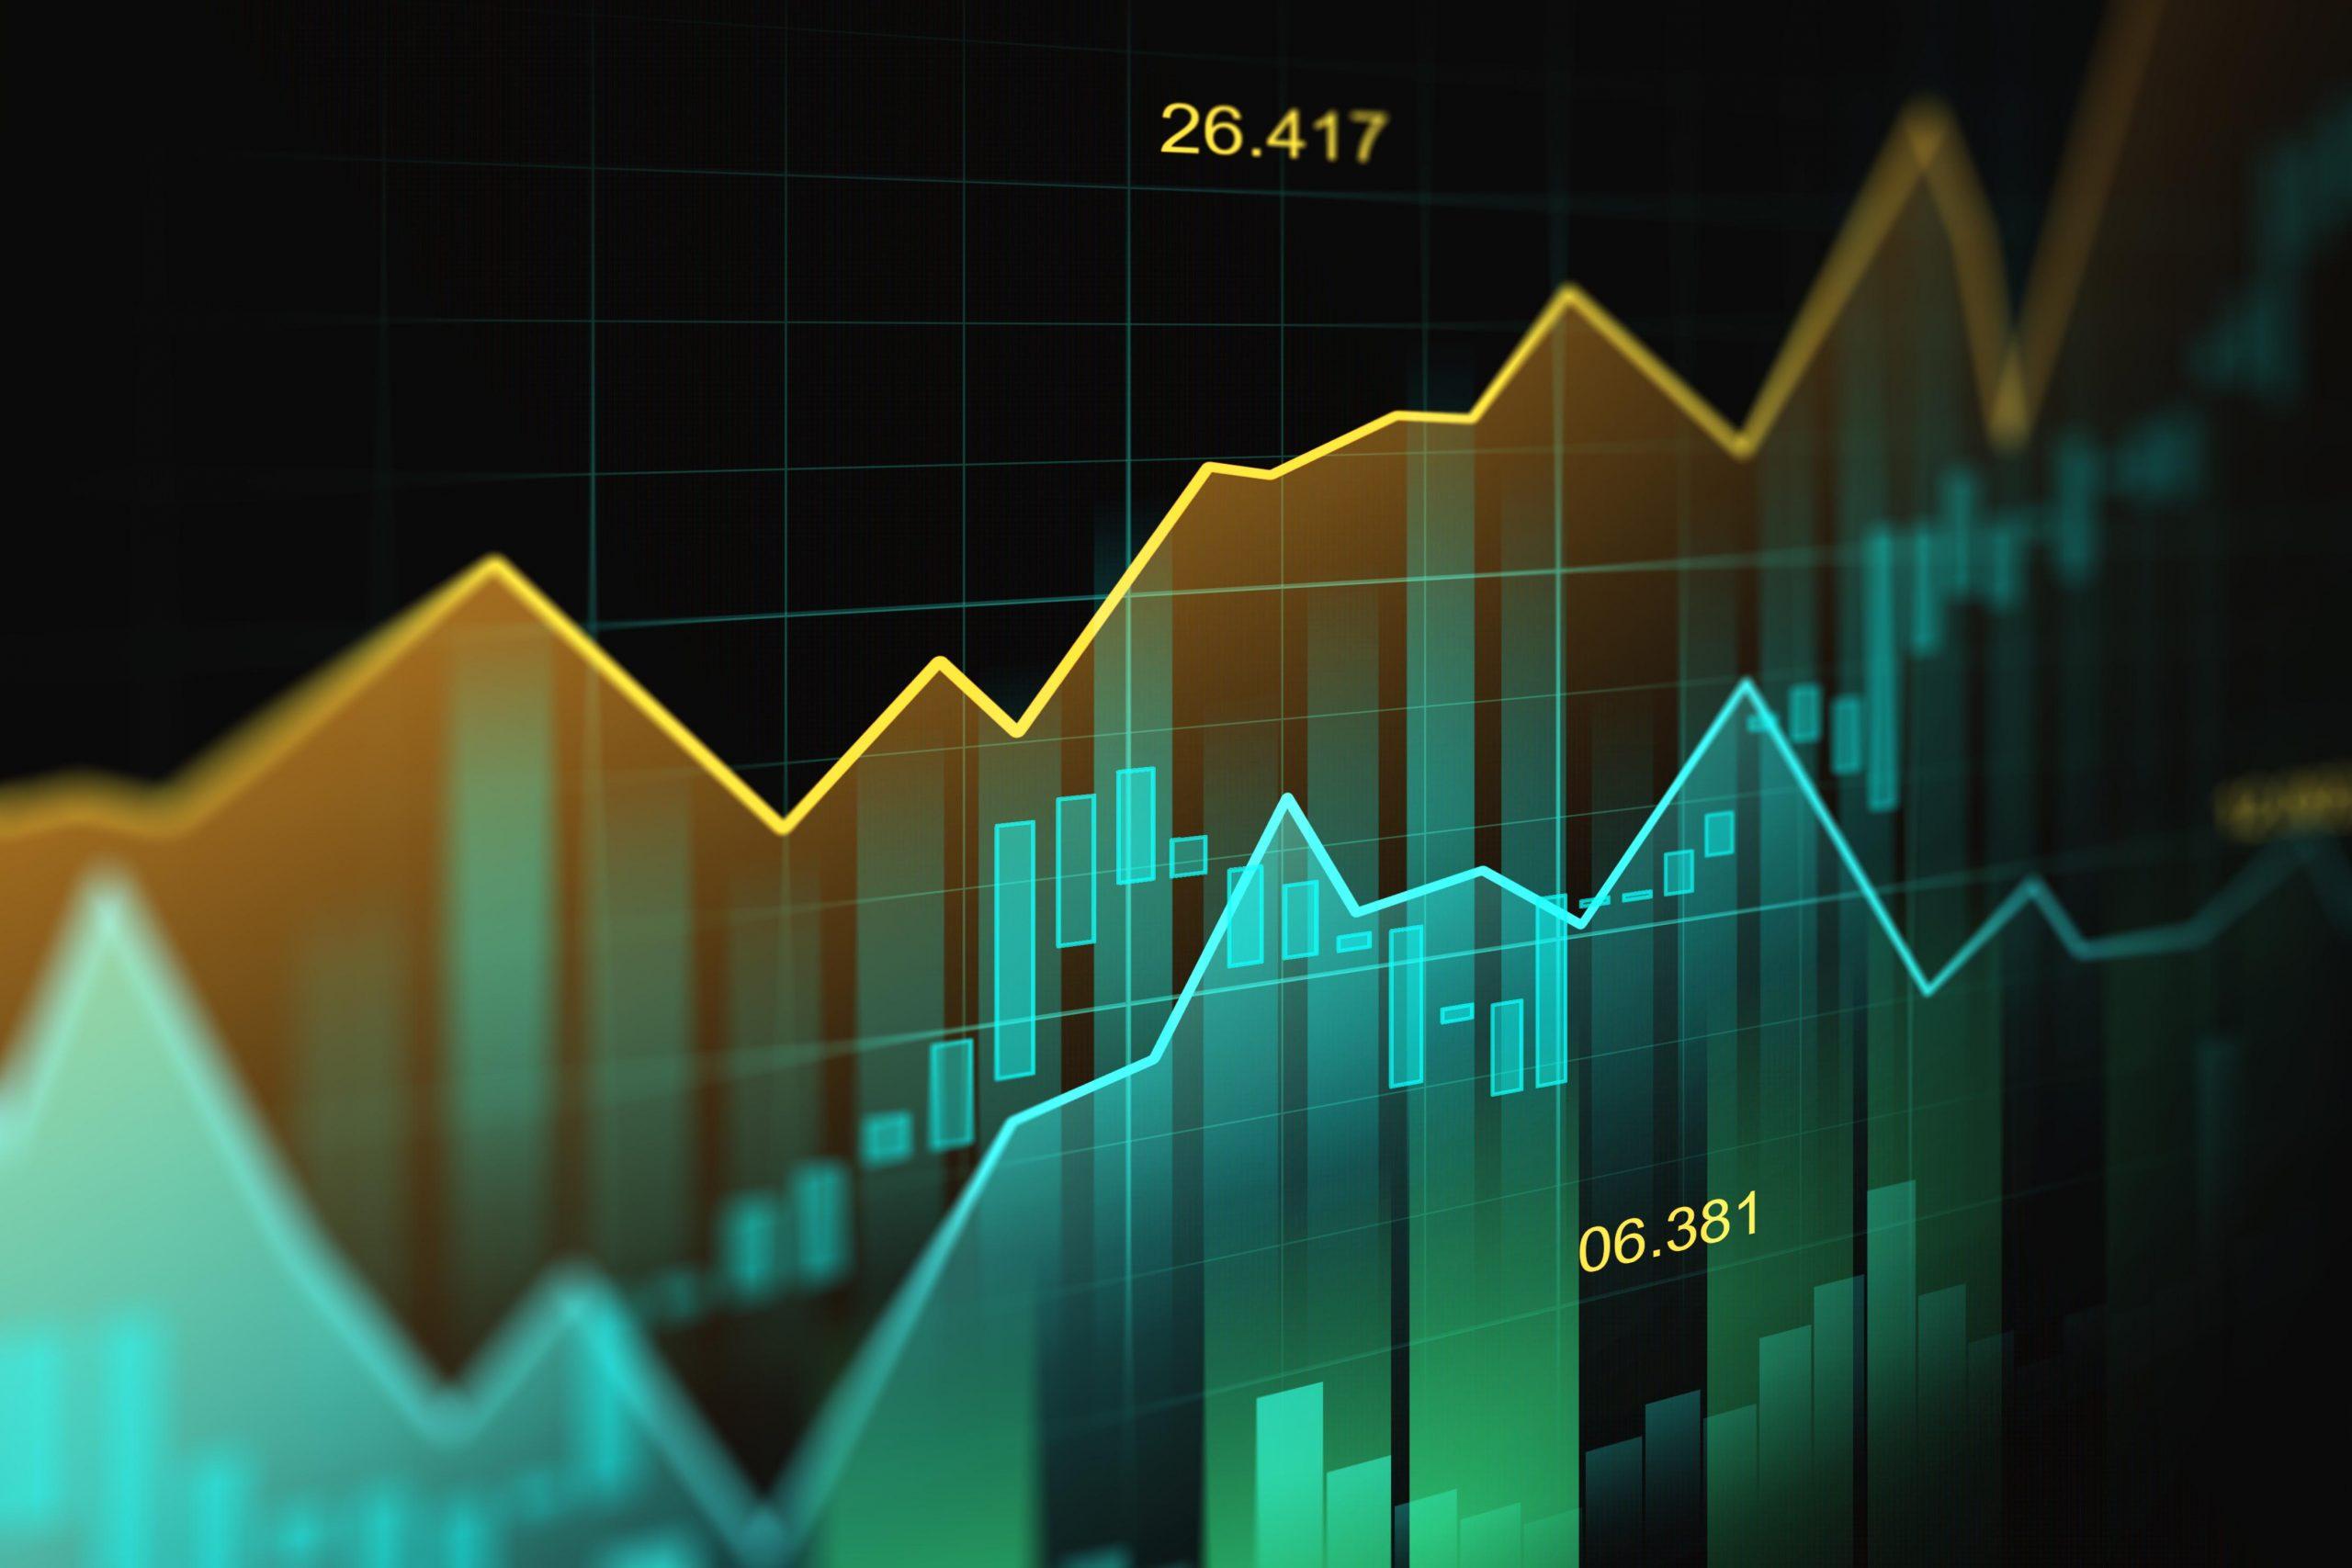 No final da recuperação, crescimento em 'V' foi atenuado, diz presidente do BC